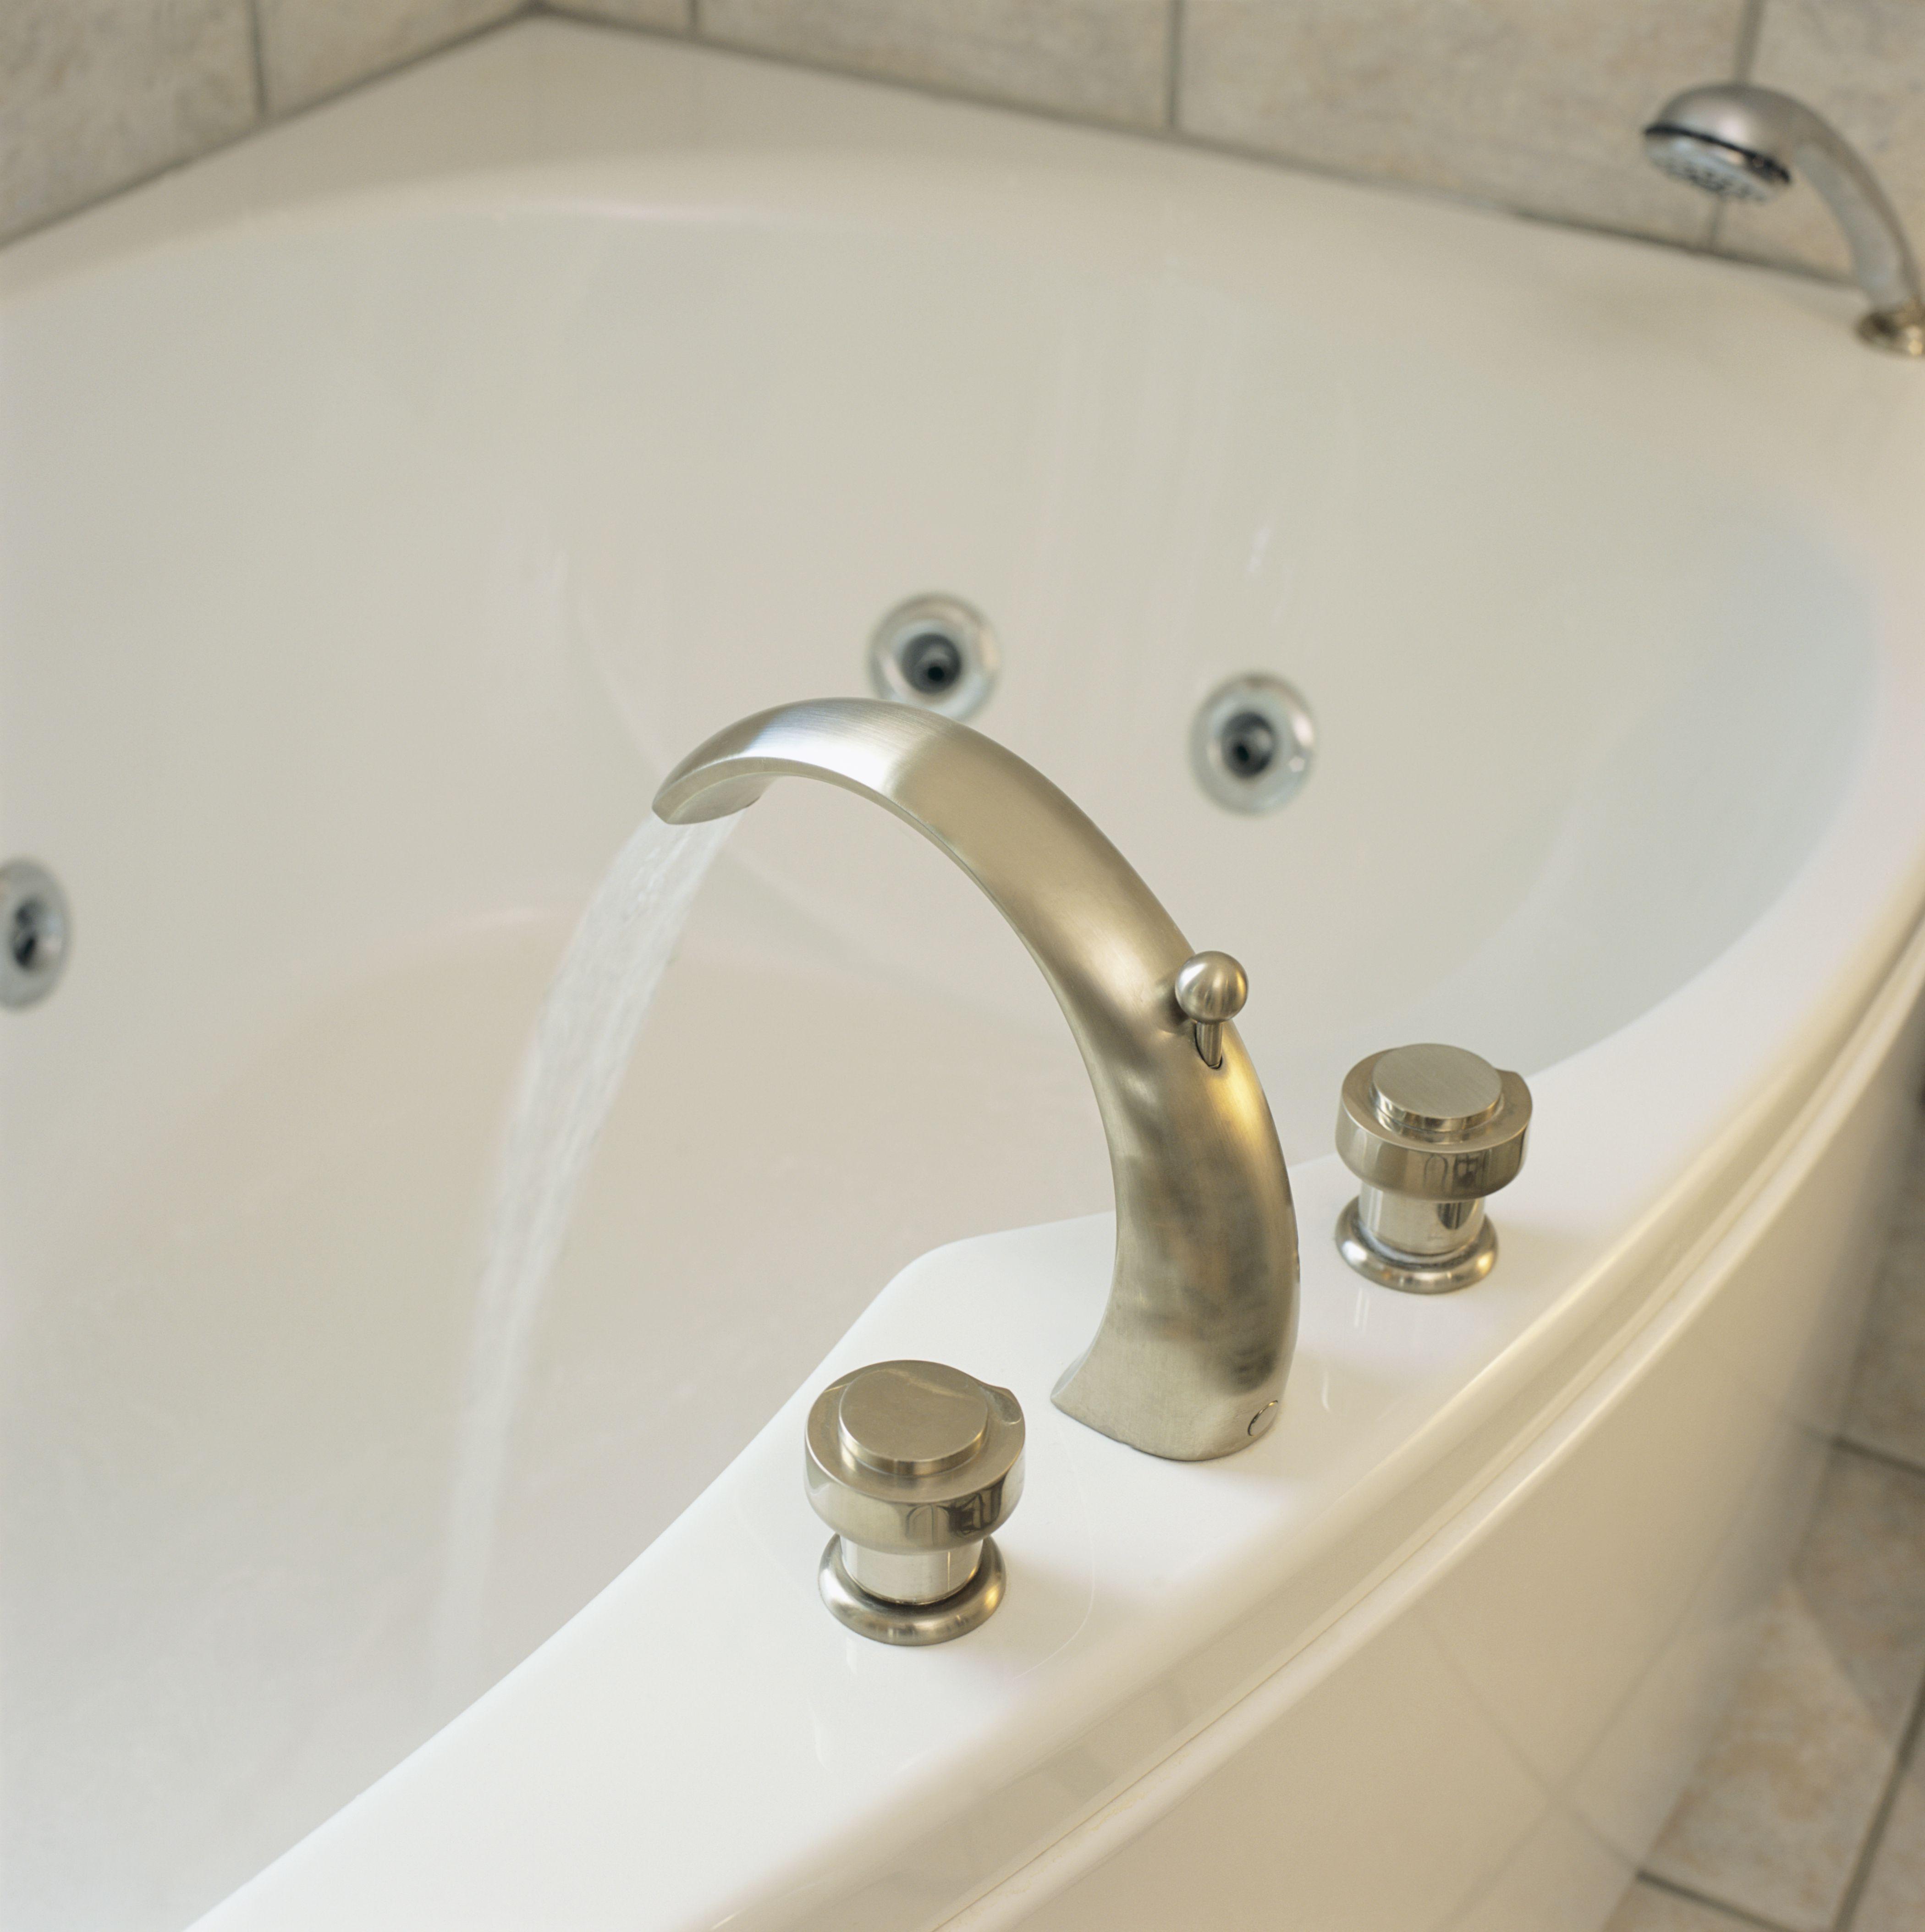 Bathroom Shower Leaking: How To Fix A Leaky Bathtub Overflow Tube